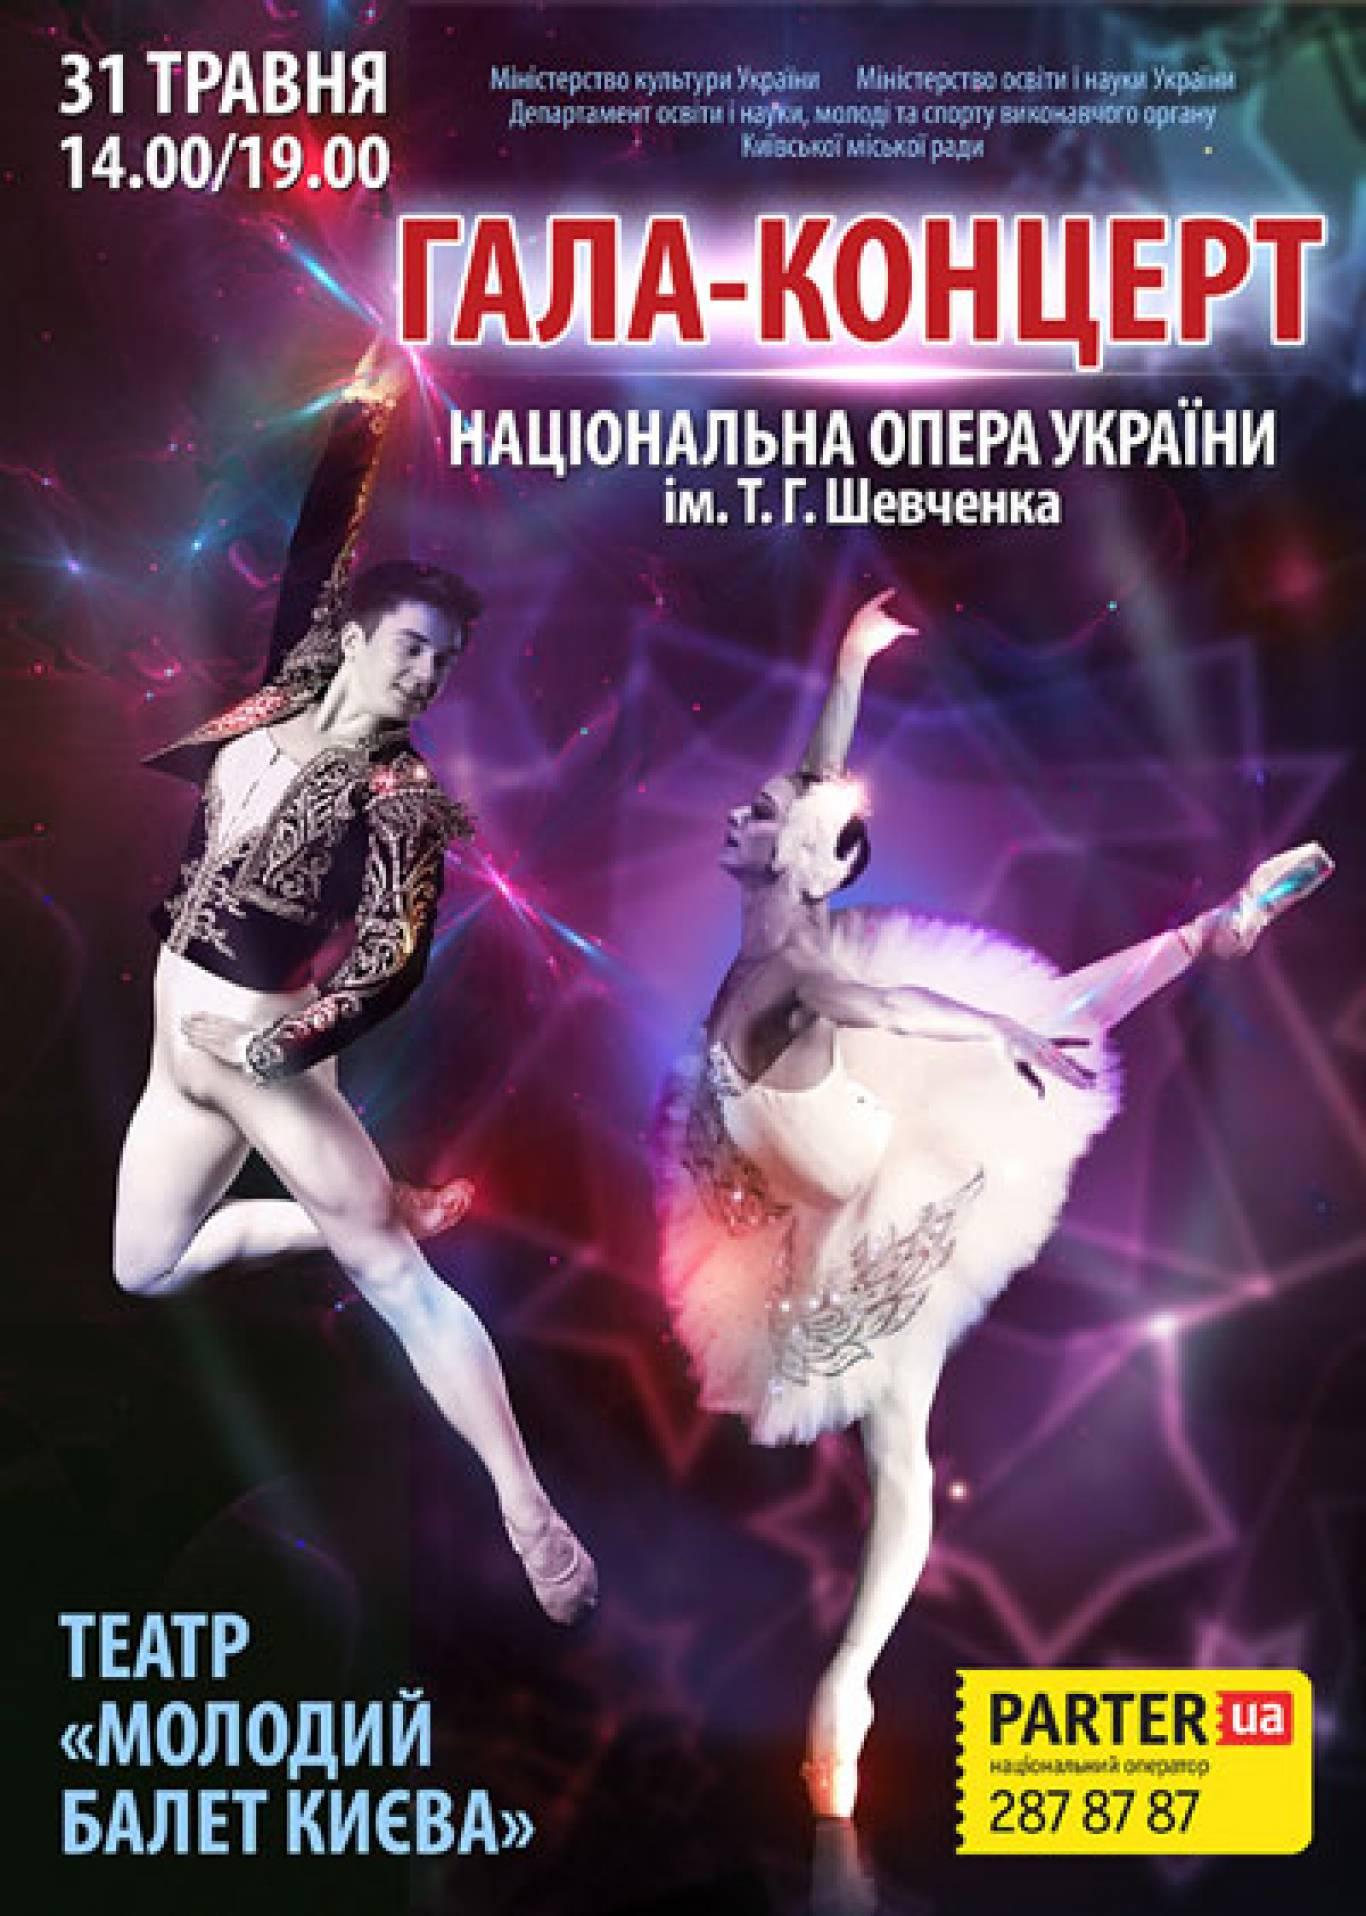 ГАЛА-концерт: Молодий балет Києва